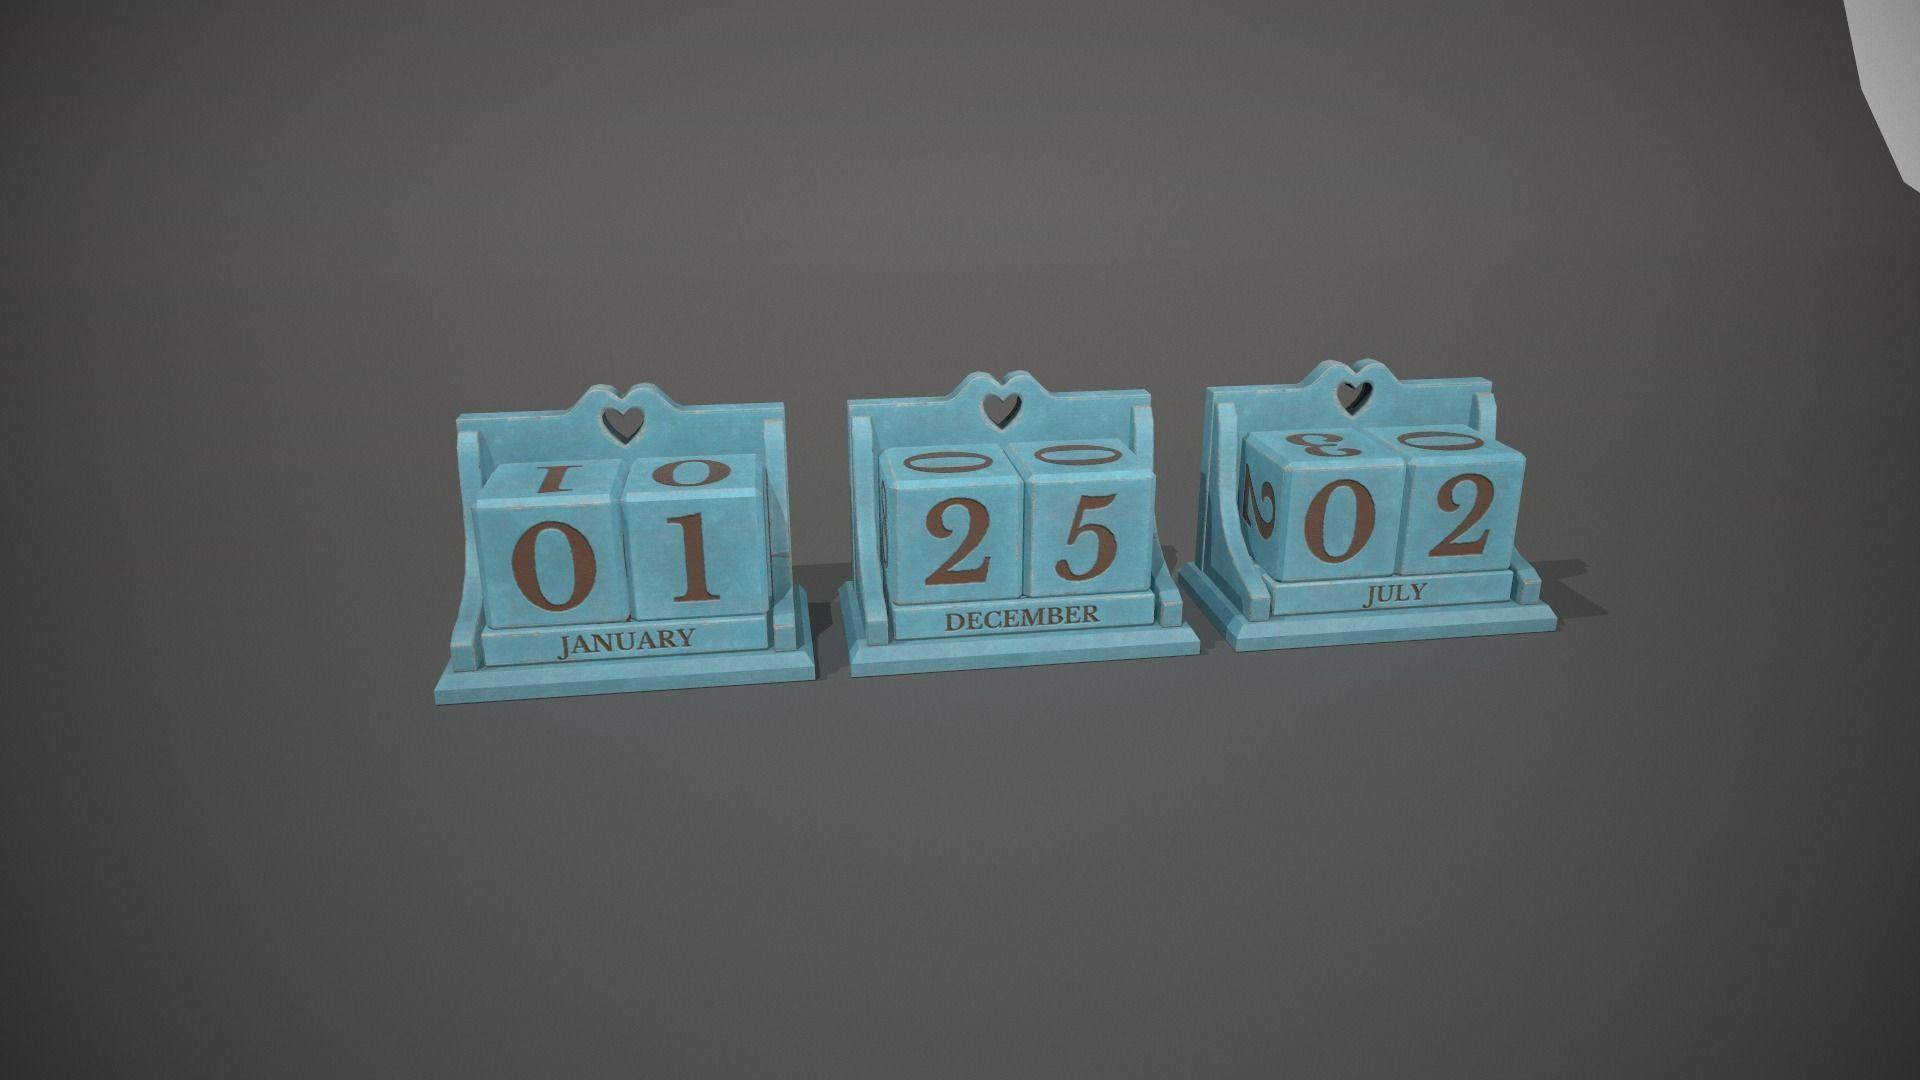 Light Blue Perpetual Wooden Block Calendar